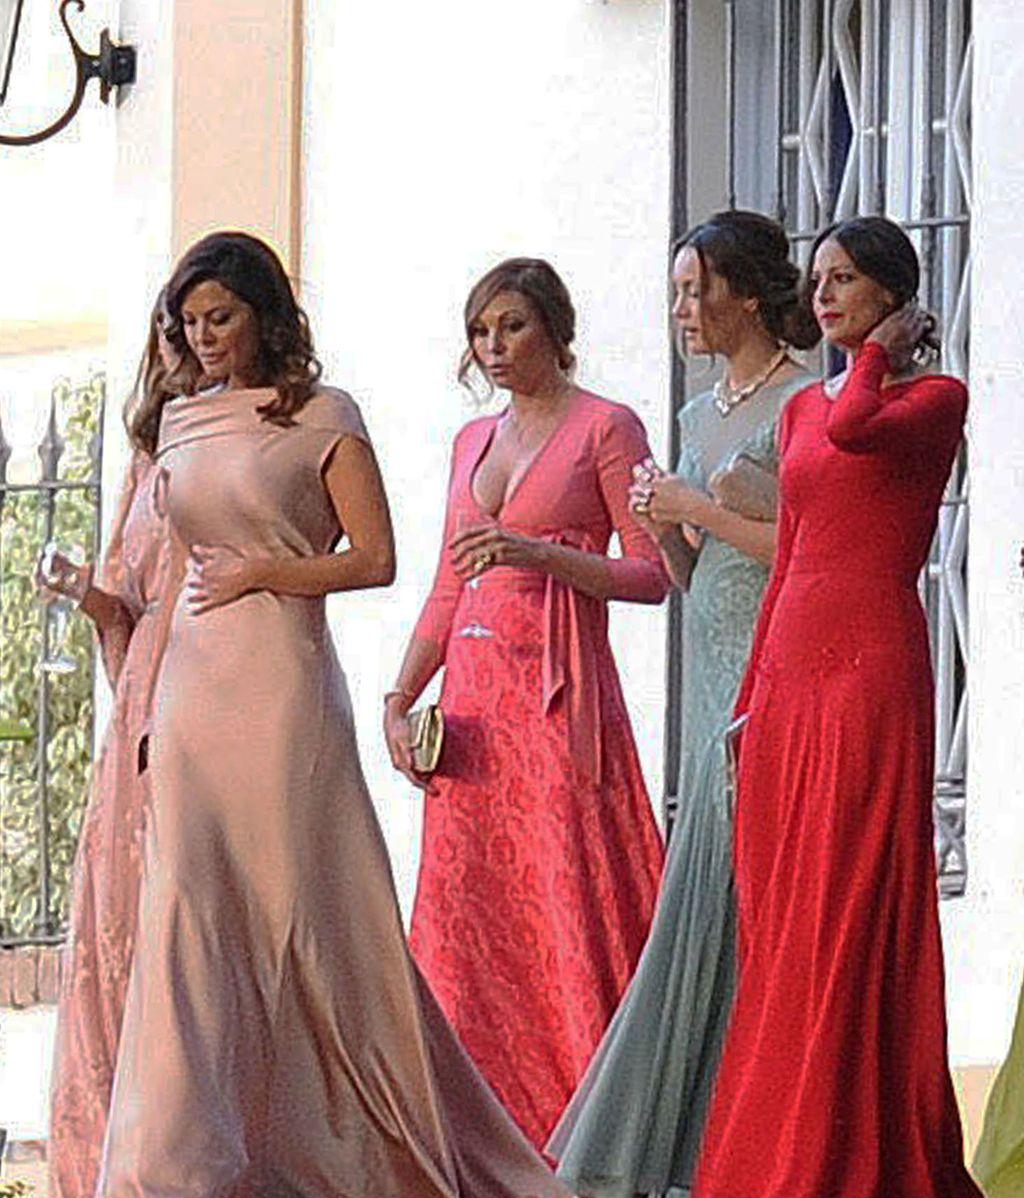 Todas las amigas asistieron con vestido largo